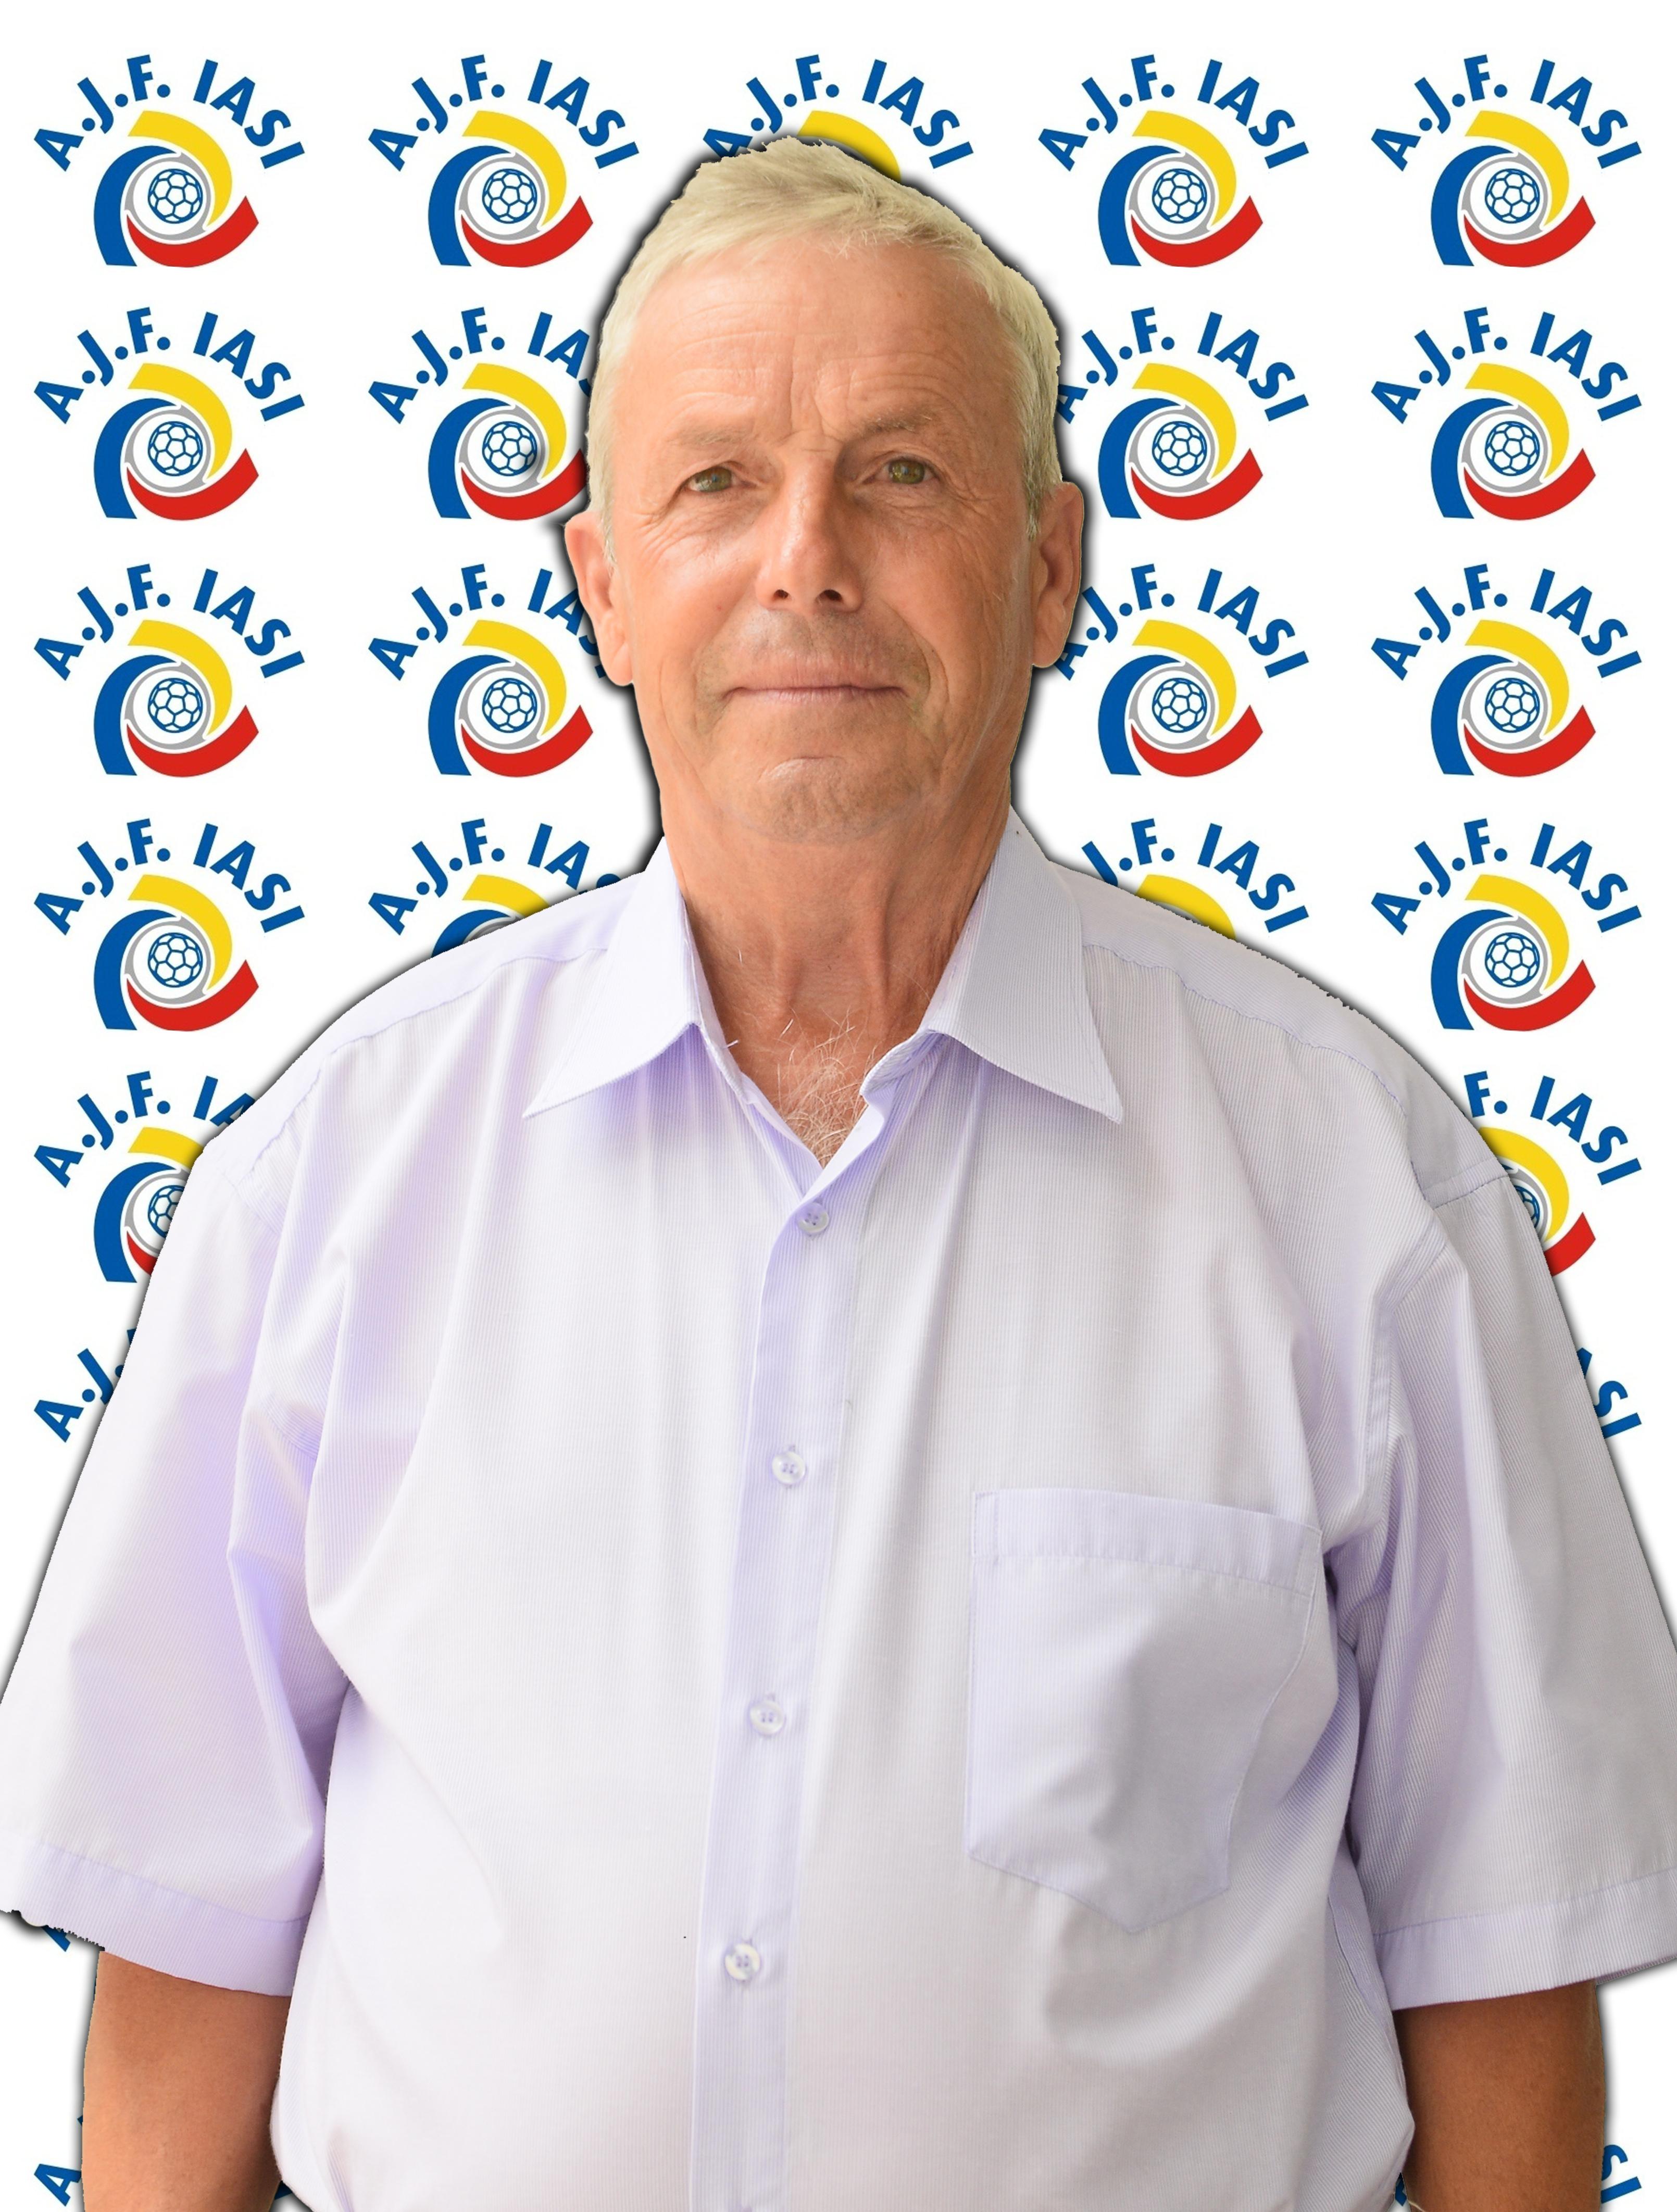 Jipu Constantin